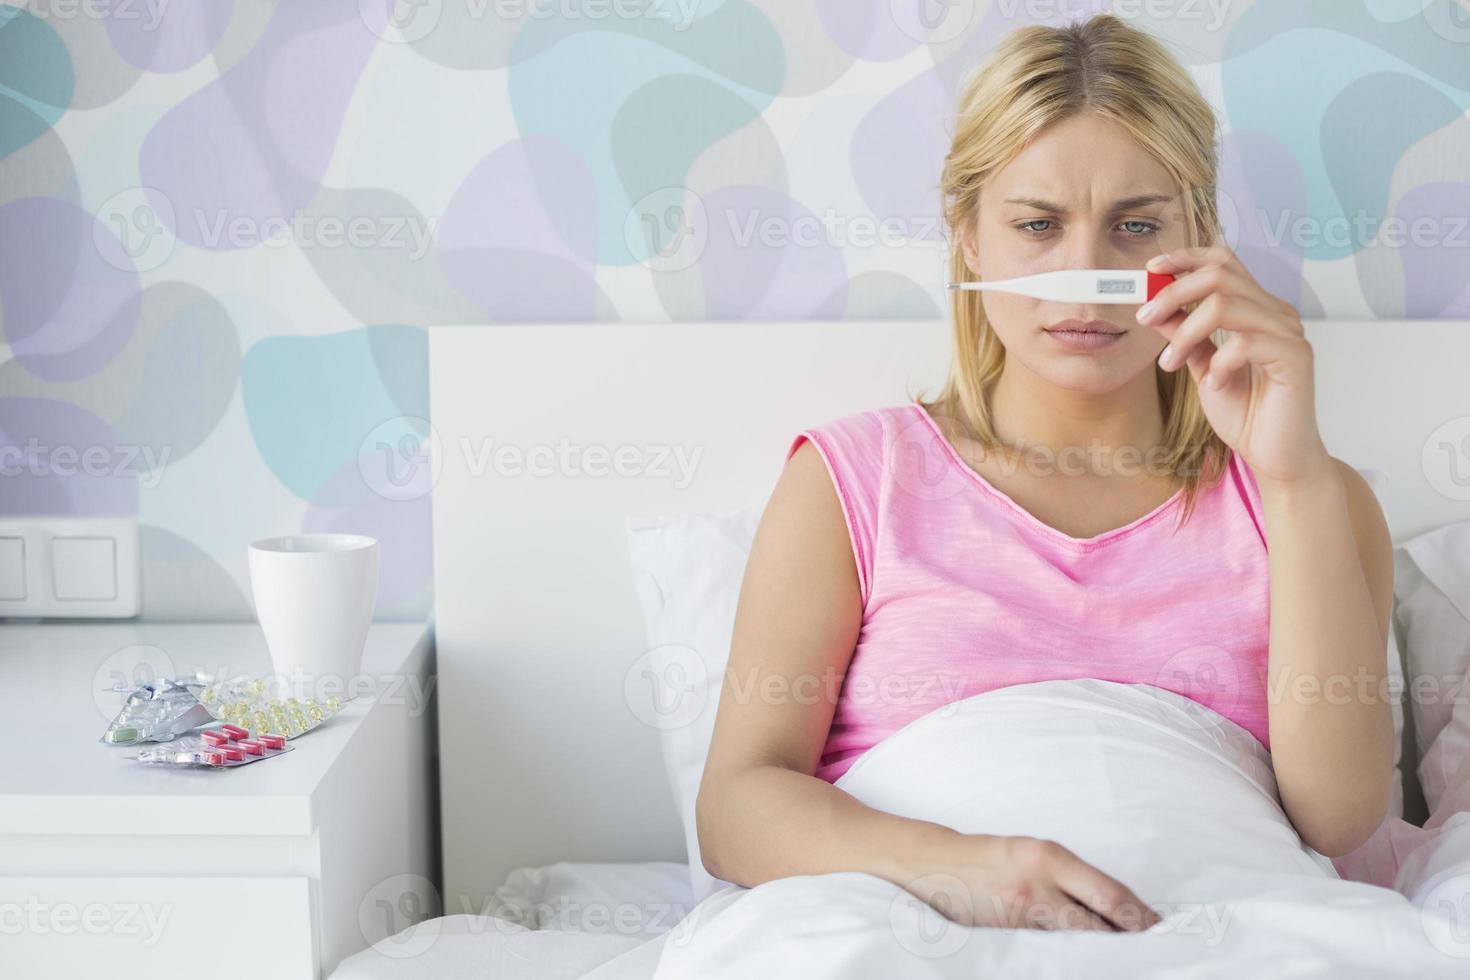 krank zu Hause foto